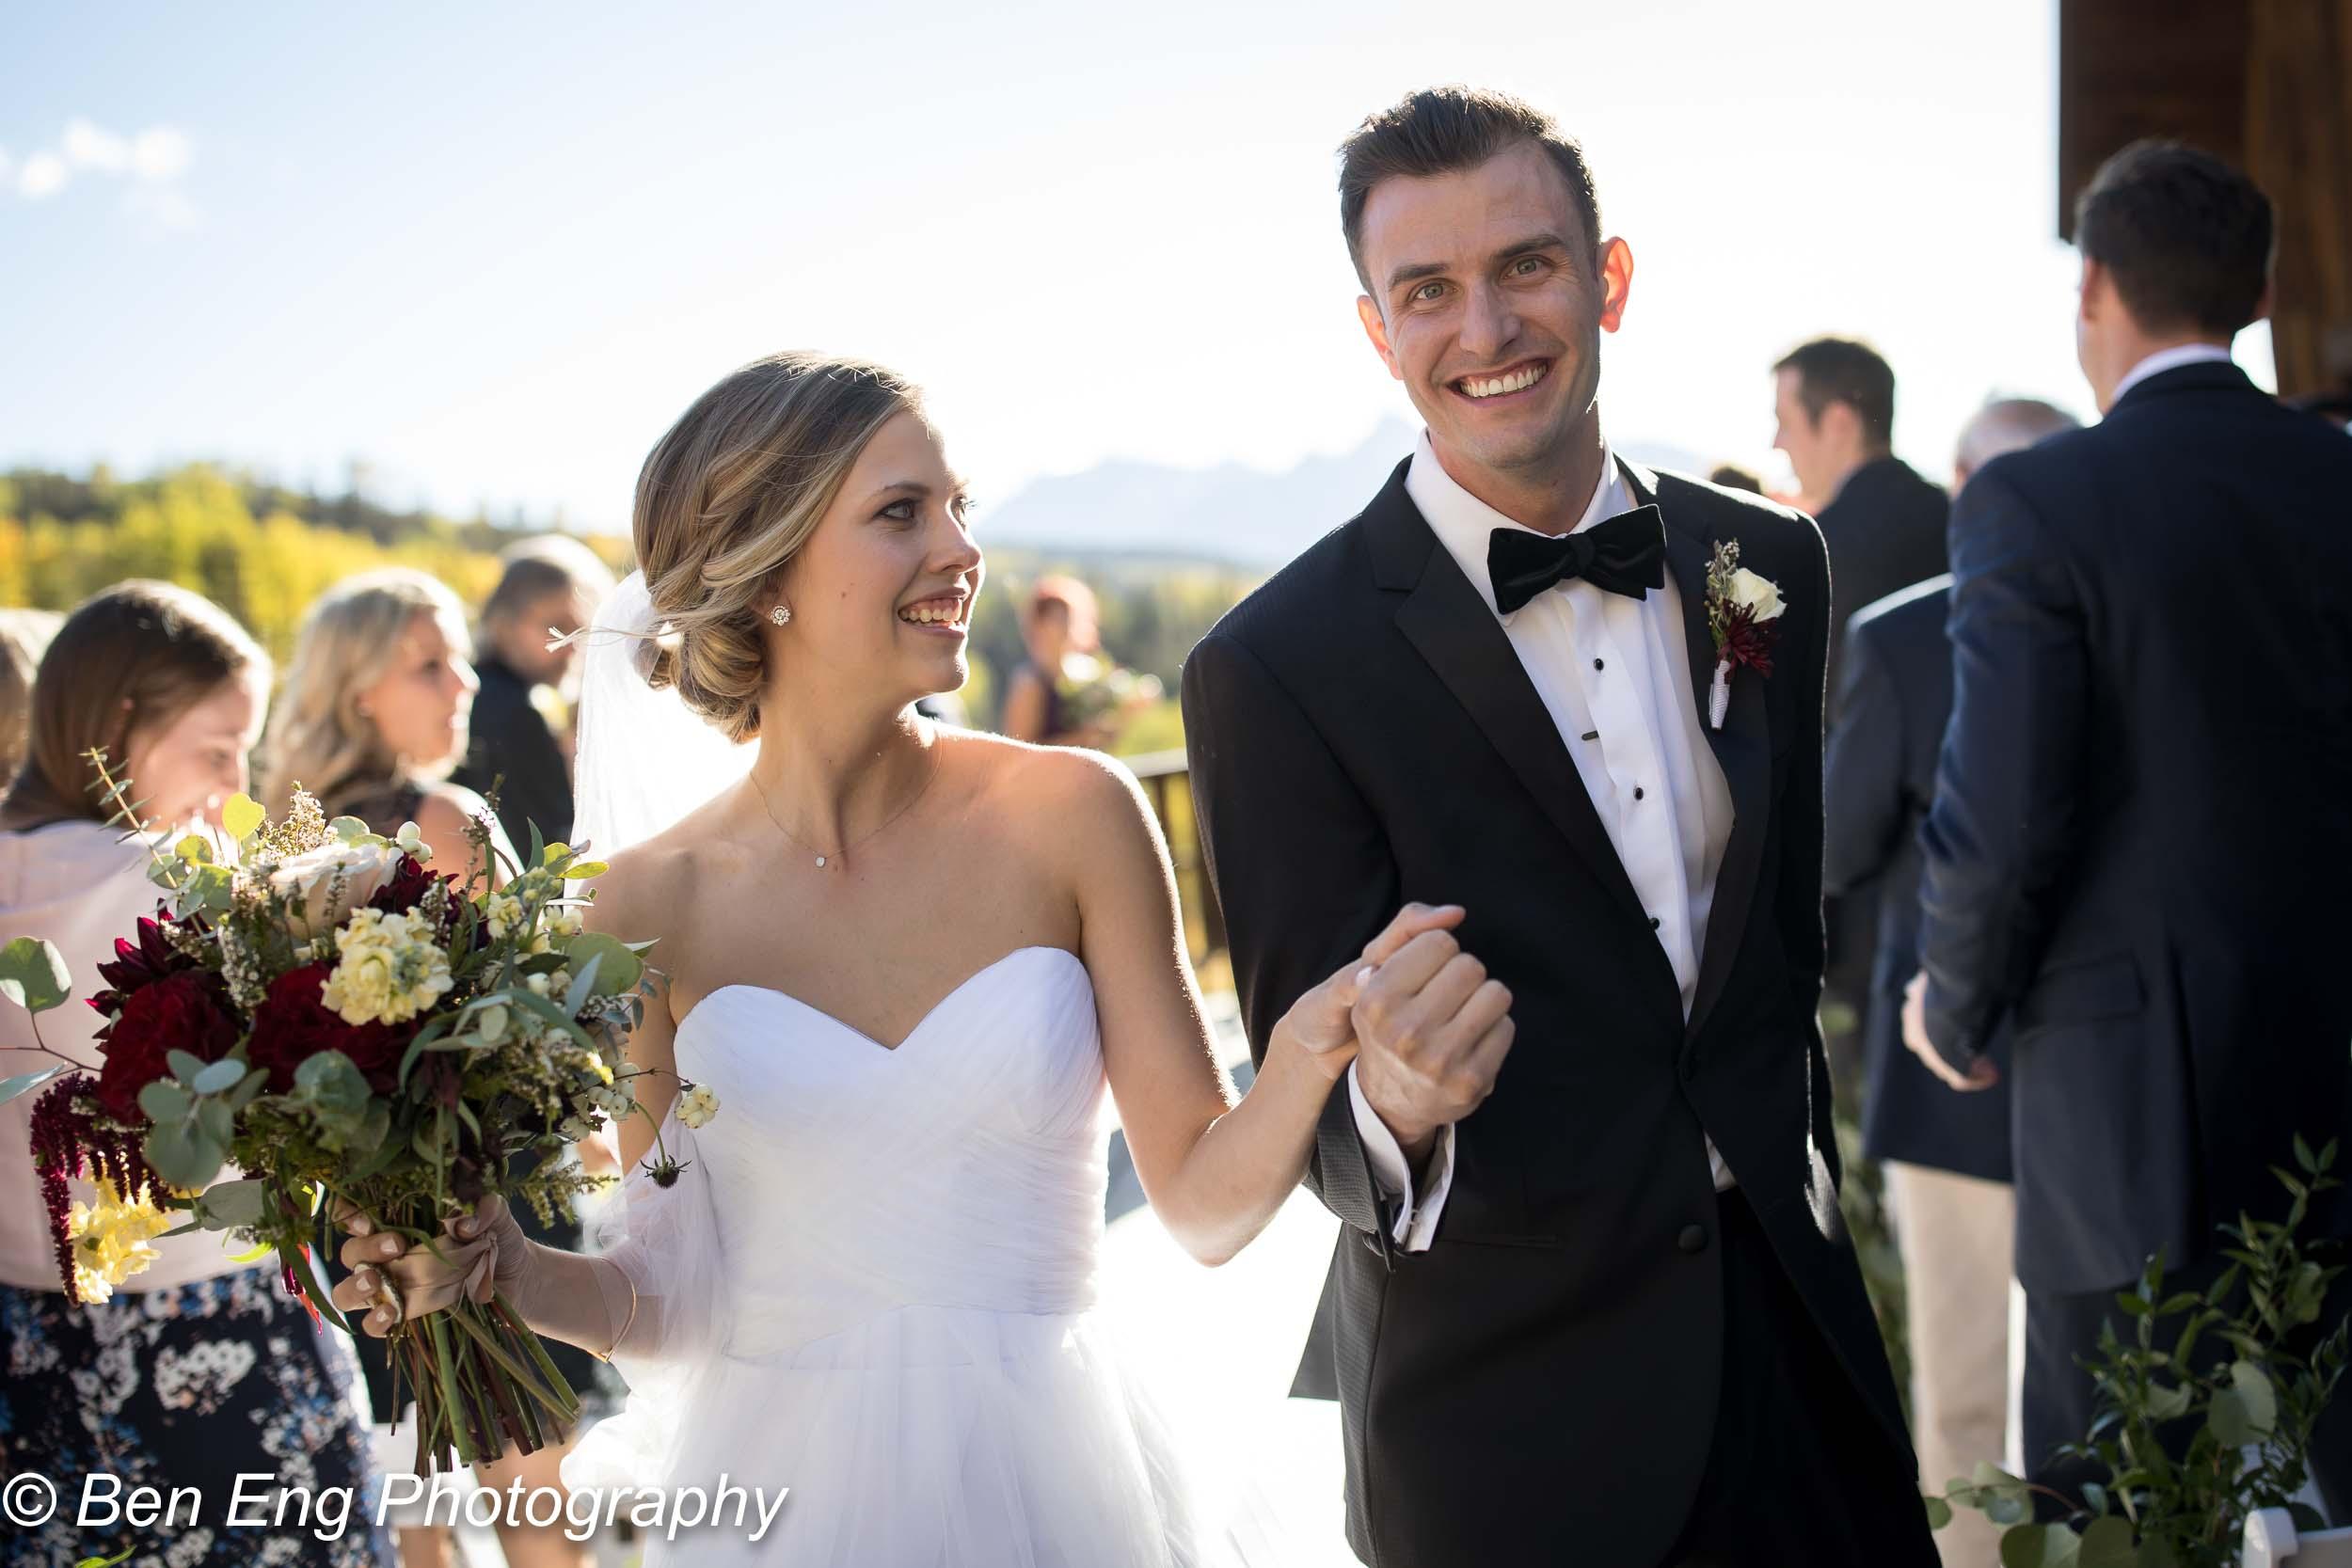 Destination wedding in Telluride, Colorado.